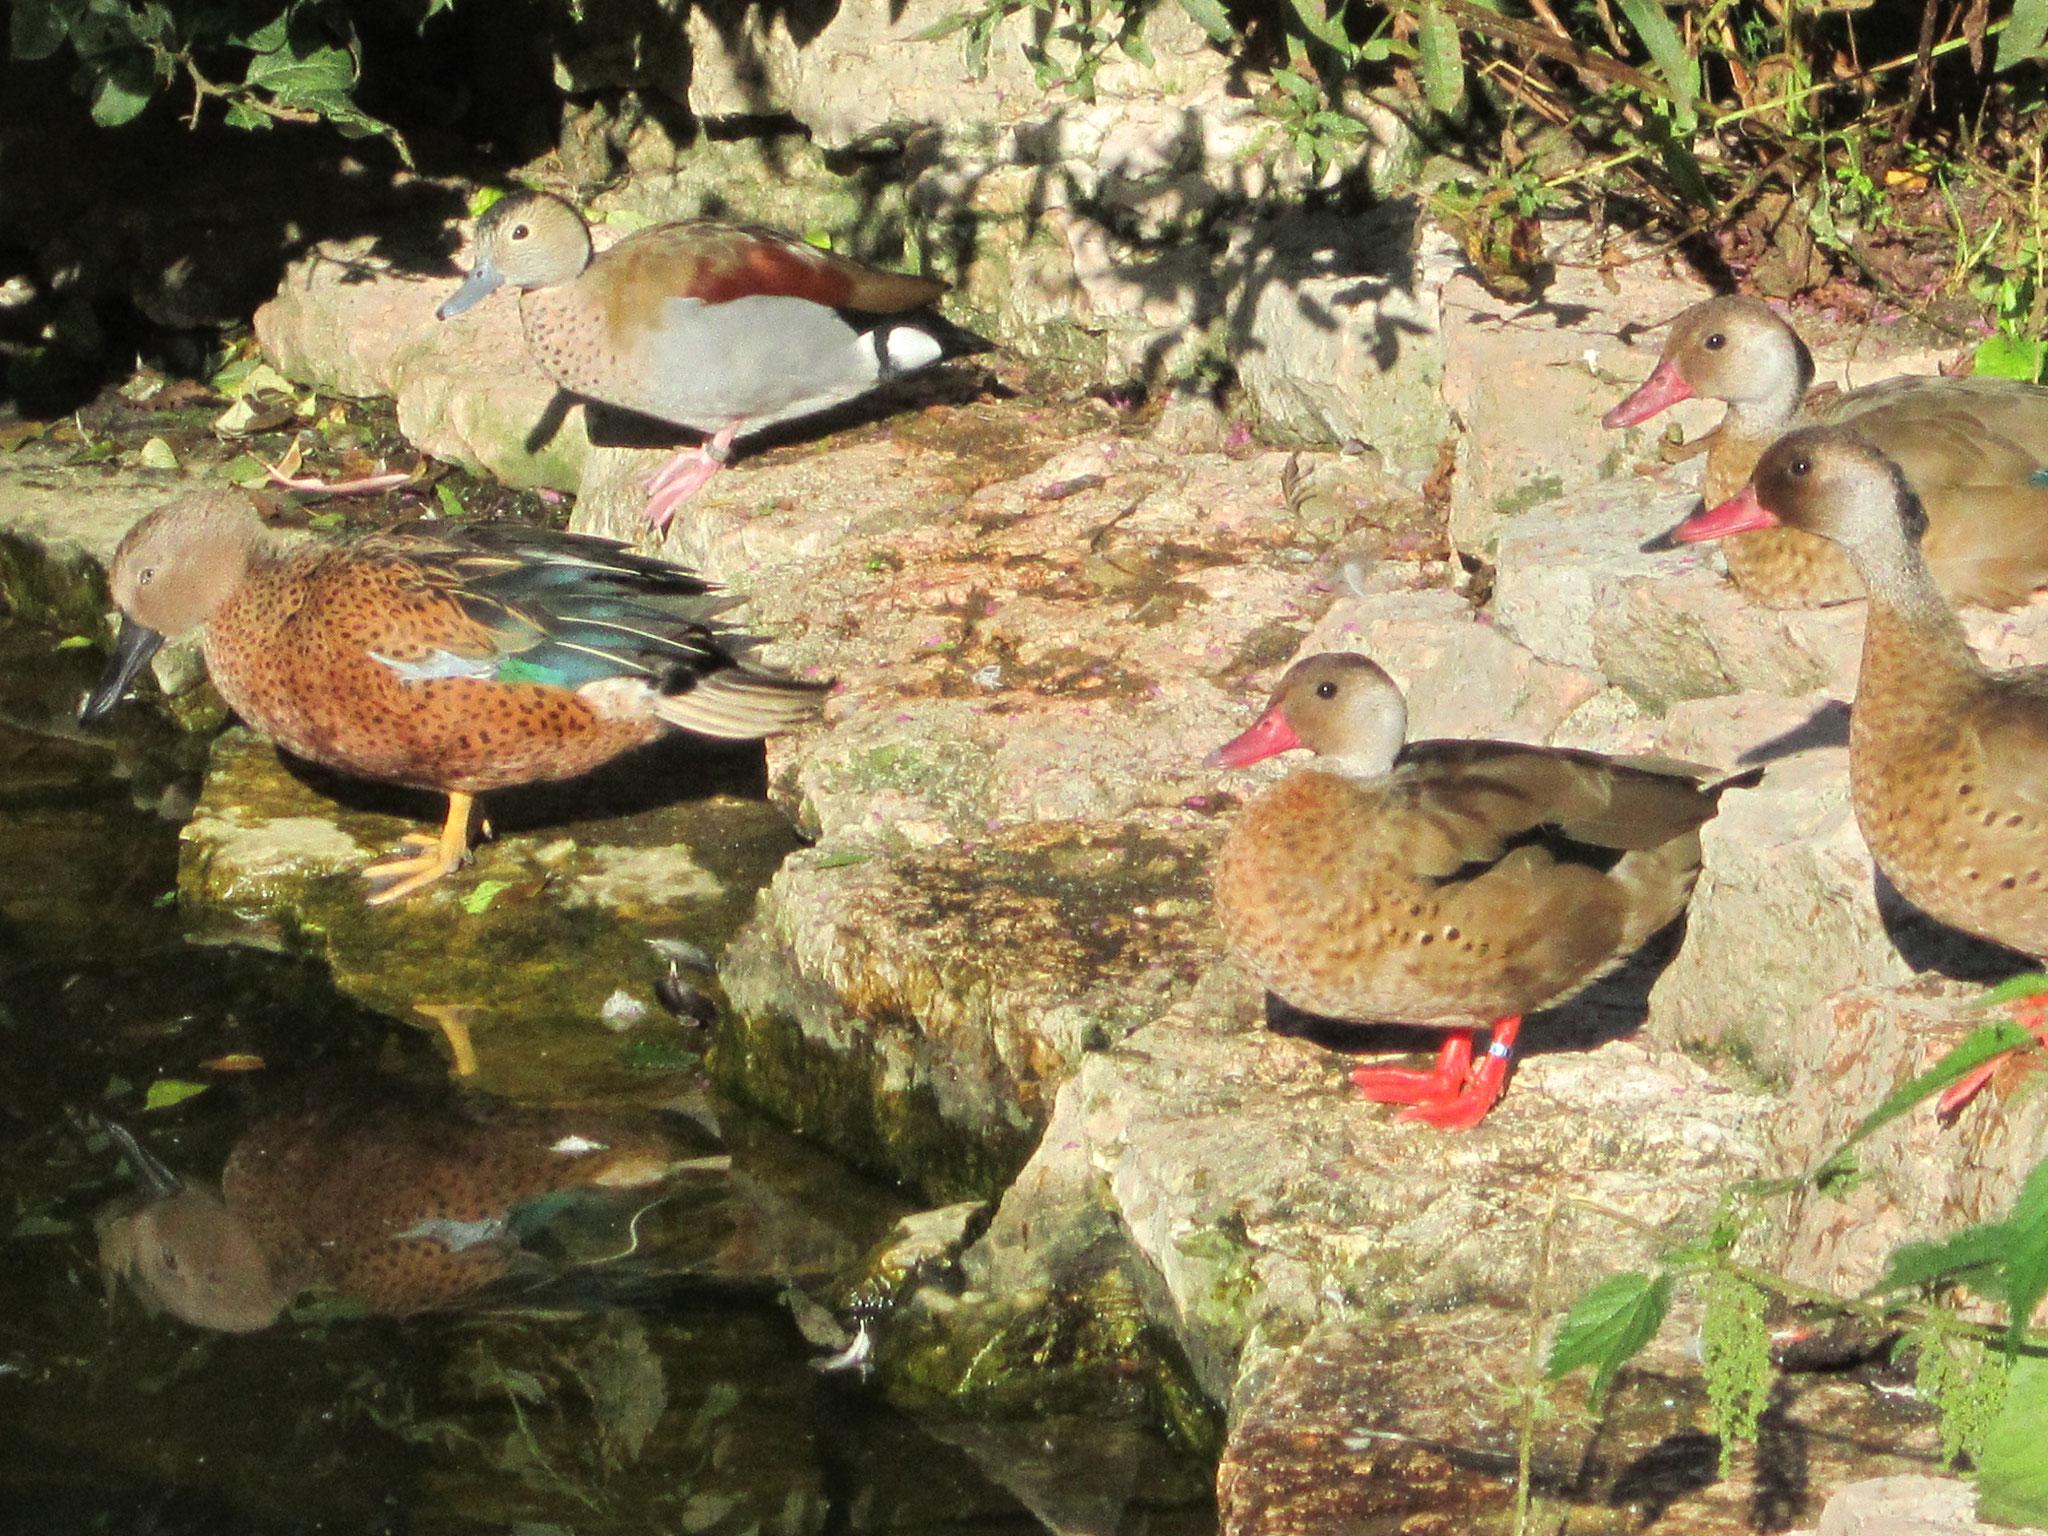 Fuchs-Löffelenten, Rotschulterenten und Kleine Amazonasenten im Weltvogelpark Walsrode